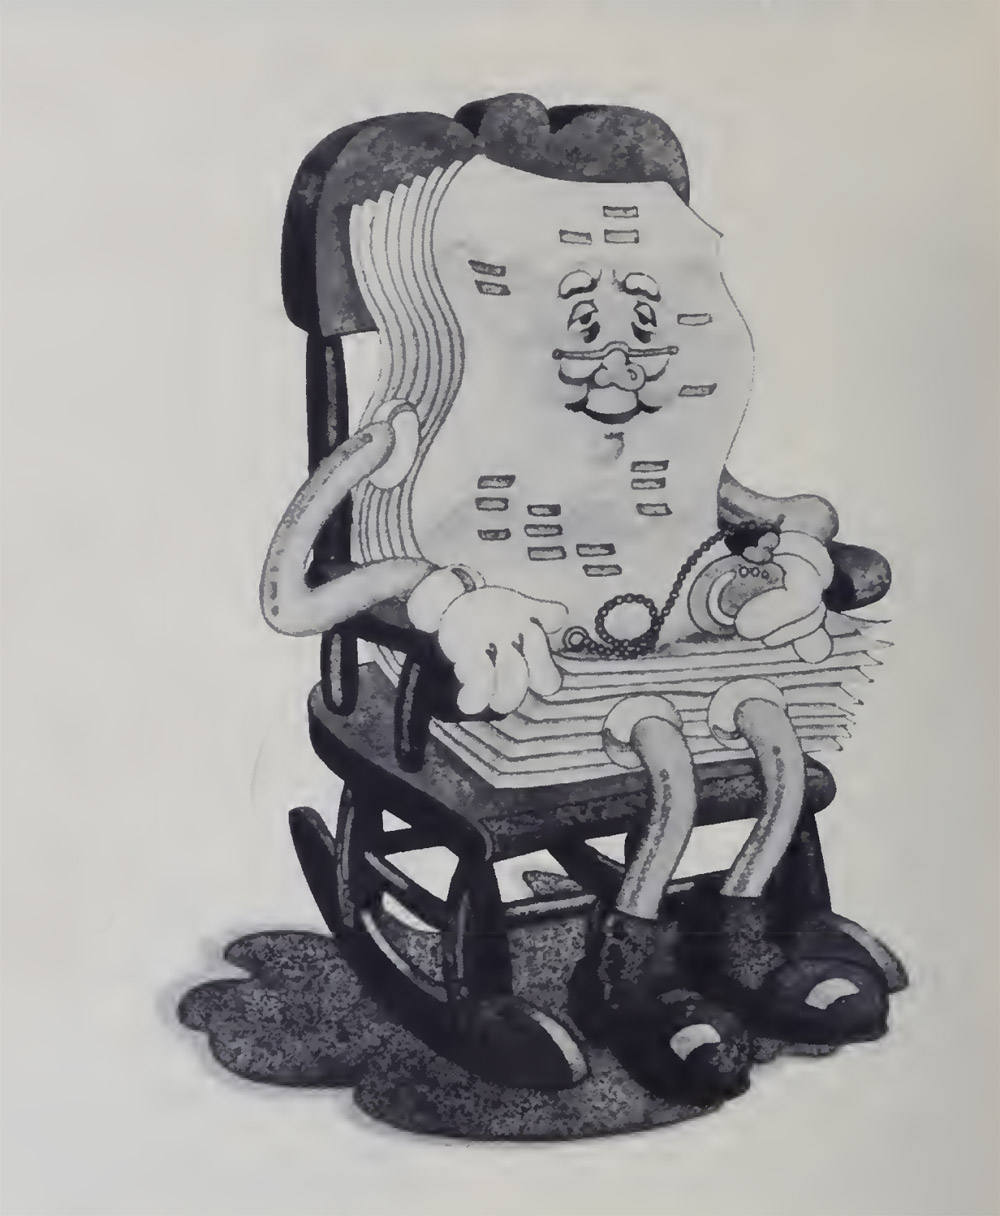 Ликбез по работе с перфокартами (или история о том, как с 1890-го по 1970-й «большие данные» обрабатывались) - 5